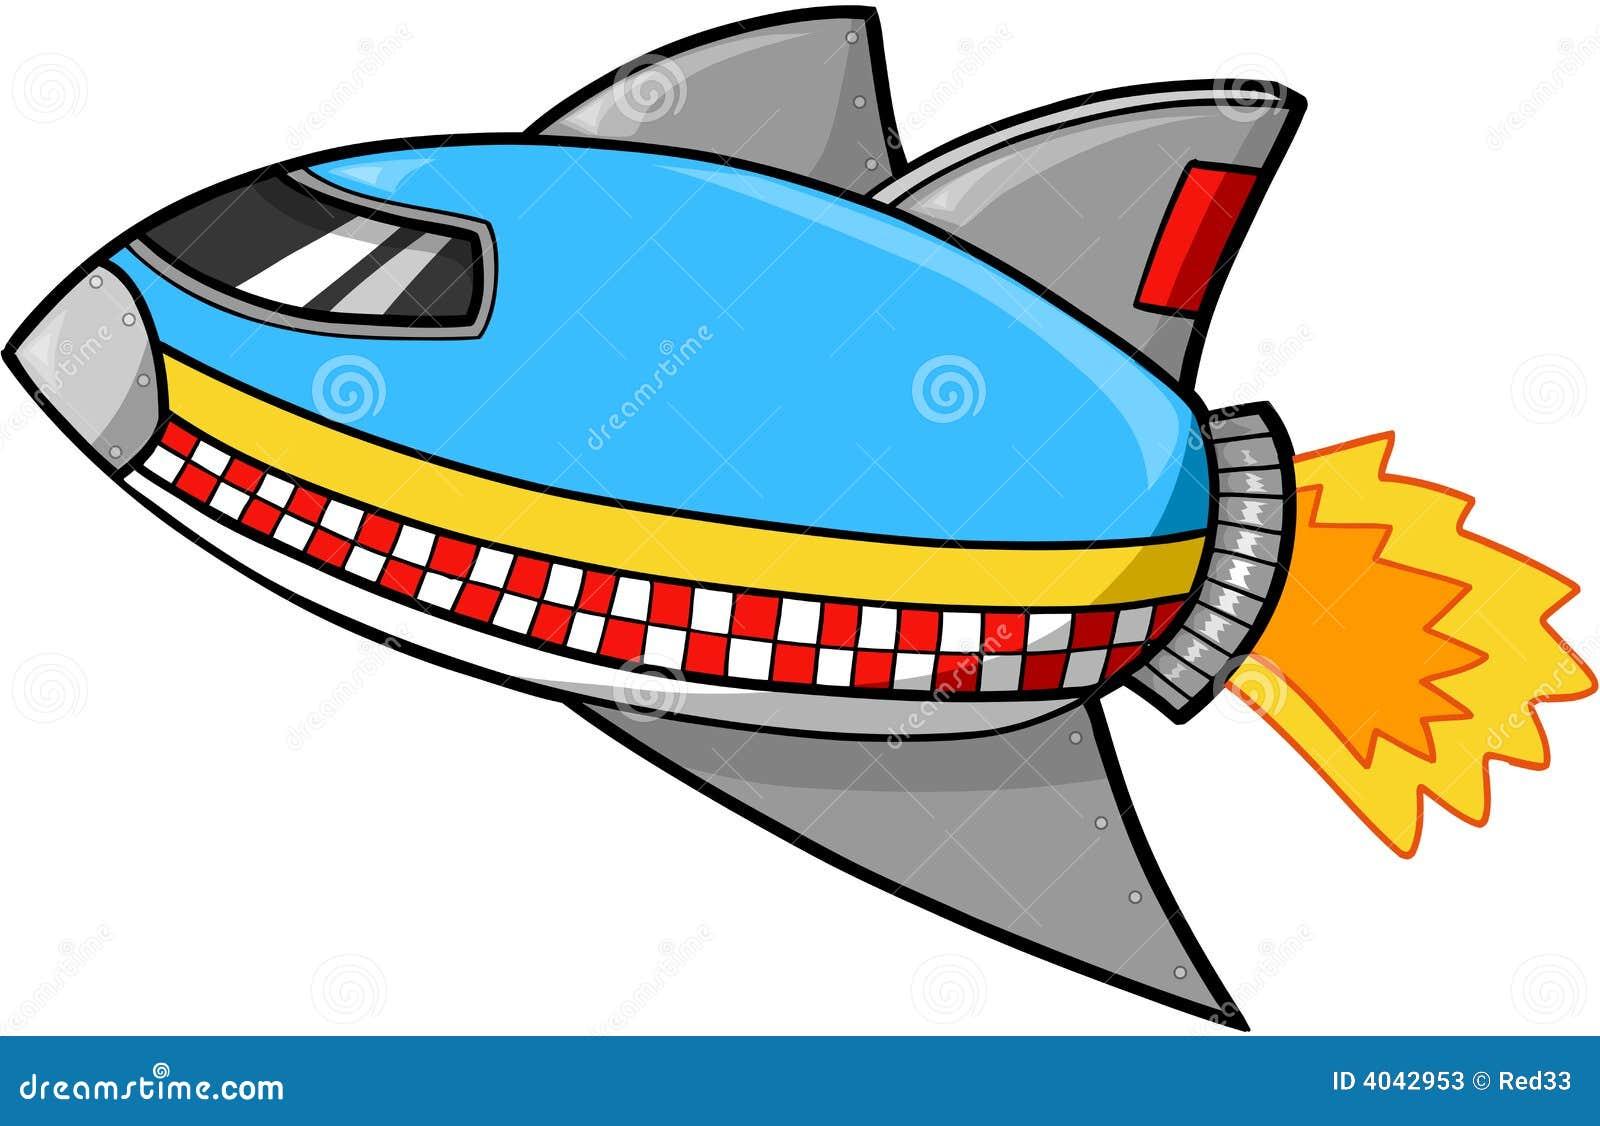 Rocket Ship Vector Stock Photos - Image: 4042953